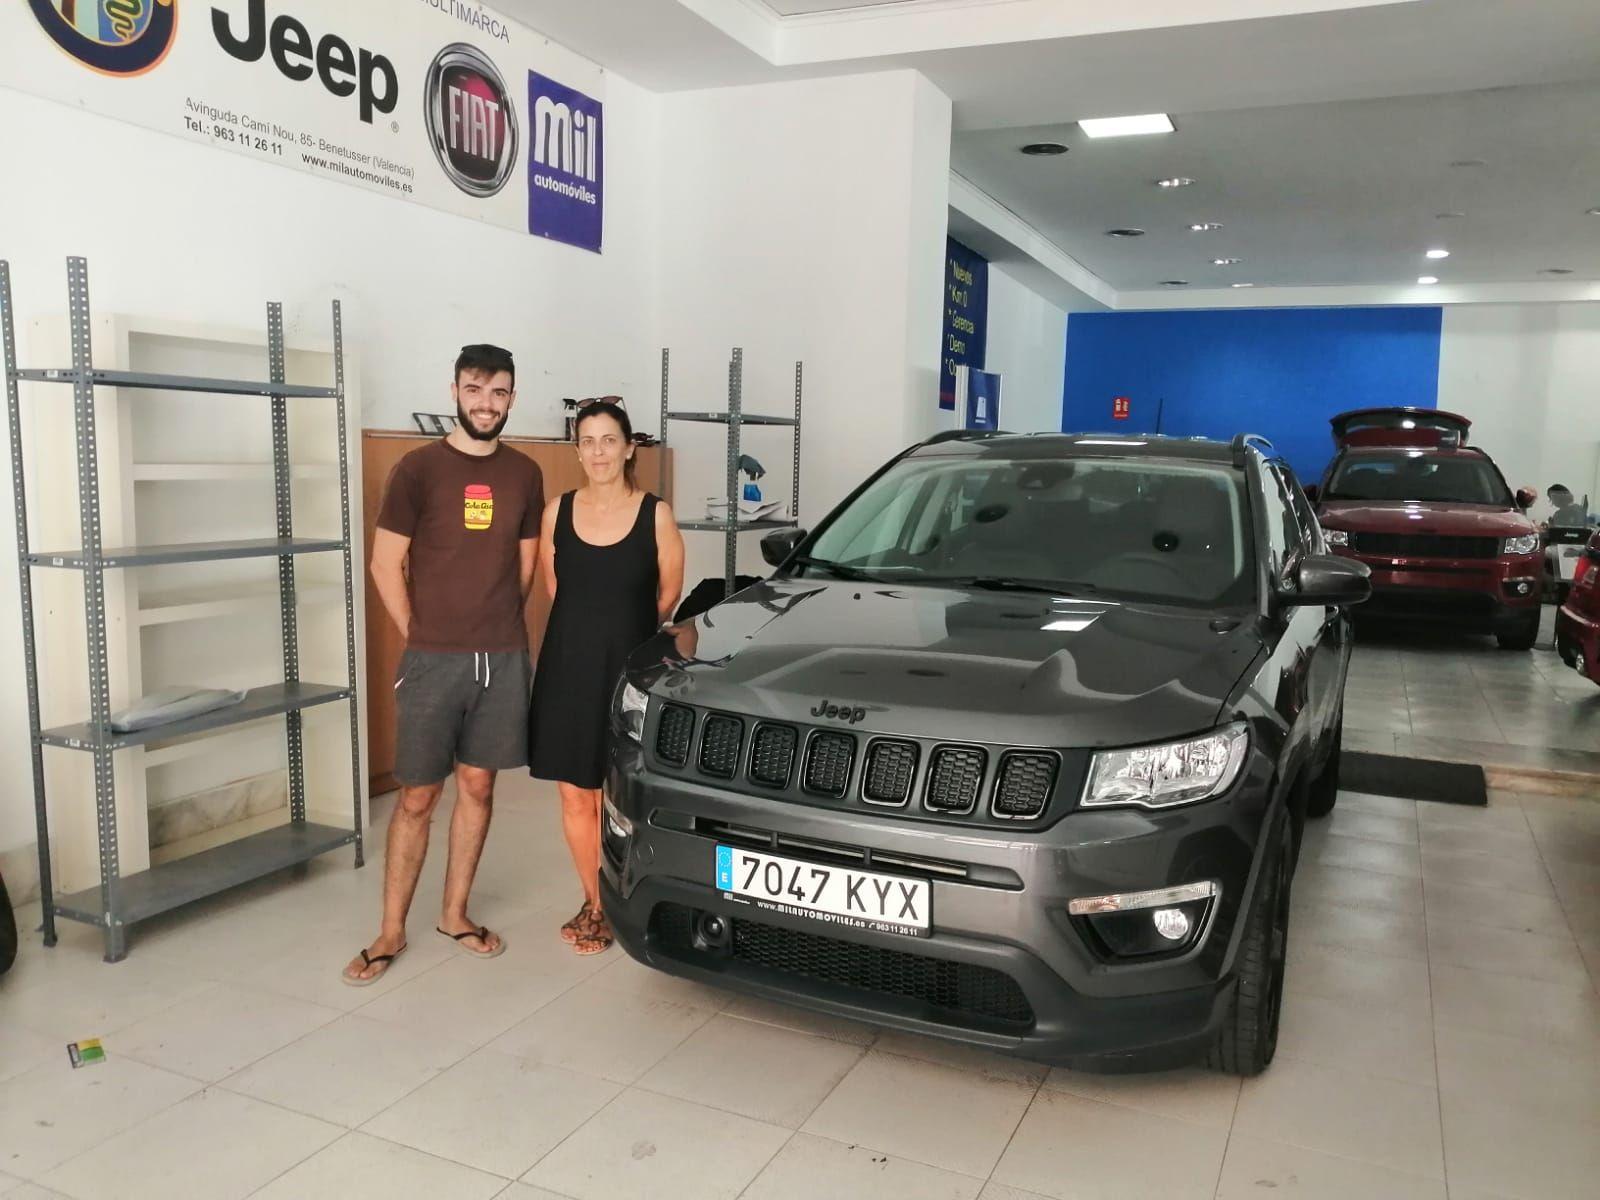 Entrega a Susana y Mario de un Jeep Compass